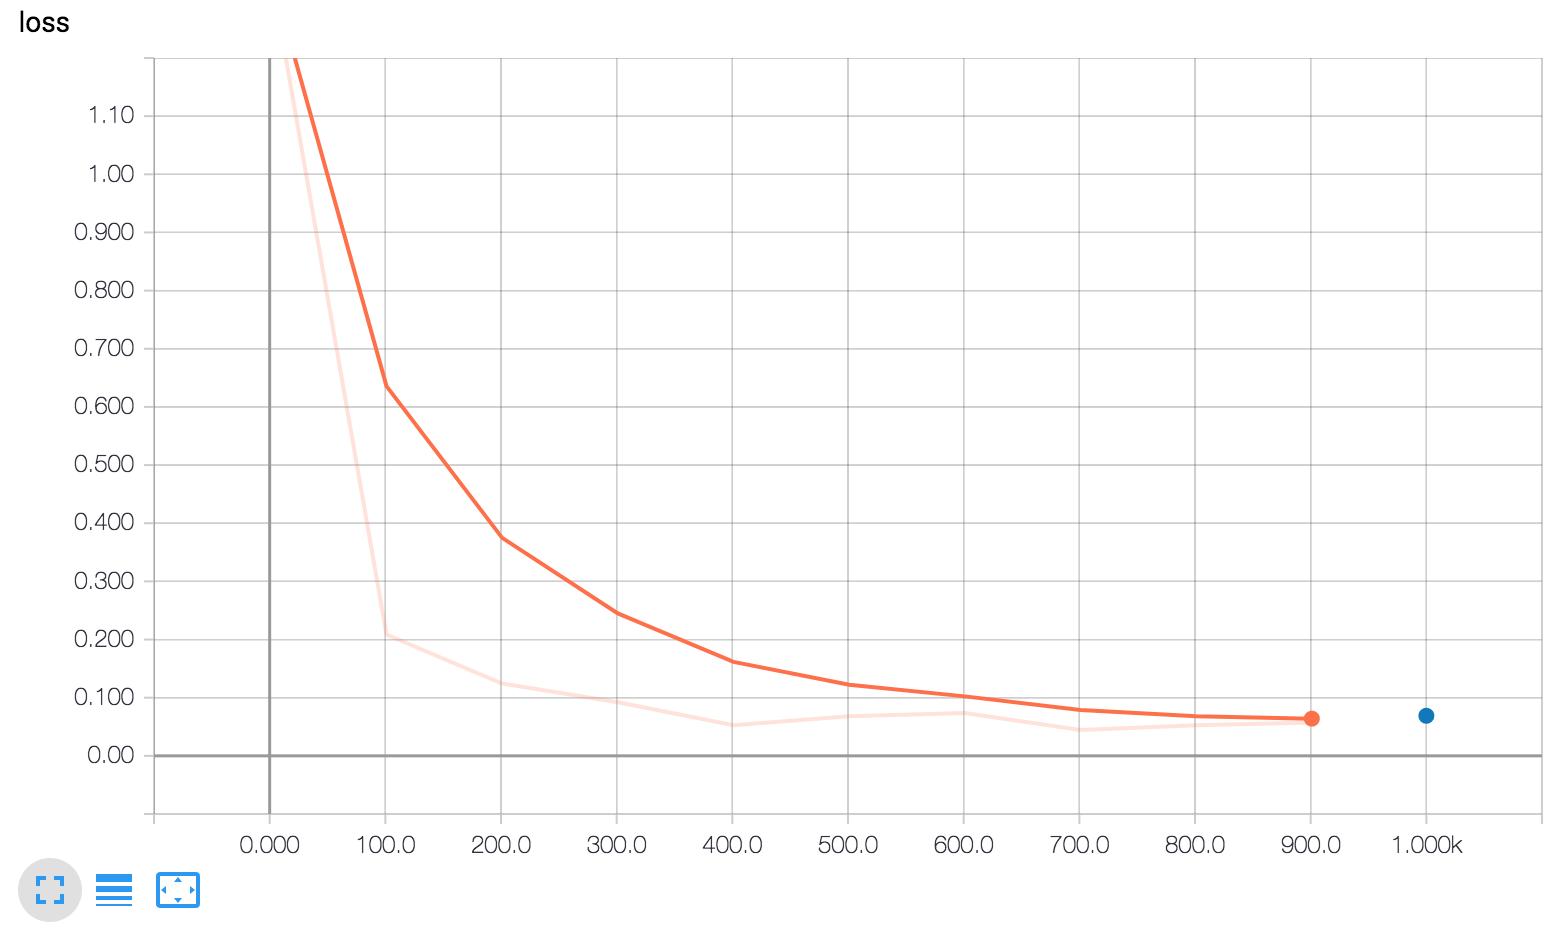 来自 Tensorboard 的损失 'scalar' 图